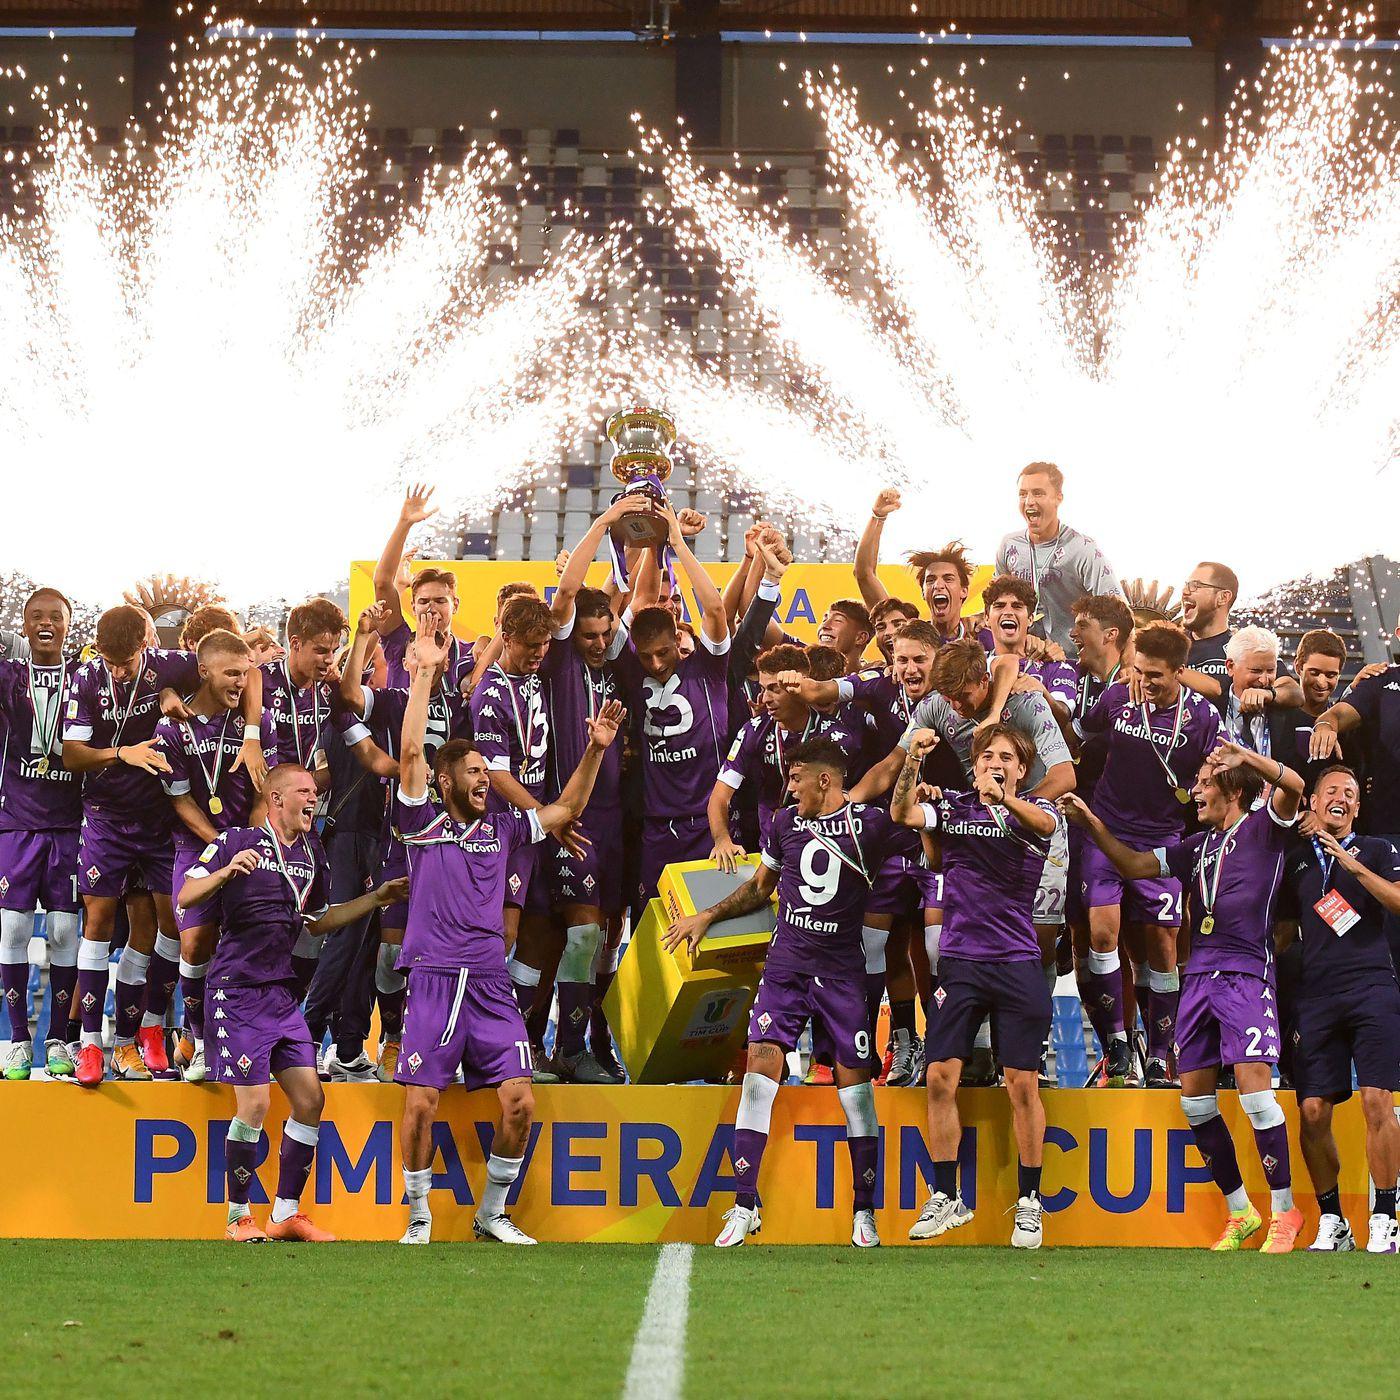 Fiorentina conquista título da Copa da Itália Sub-19 pelo segundo ano seguido